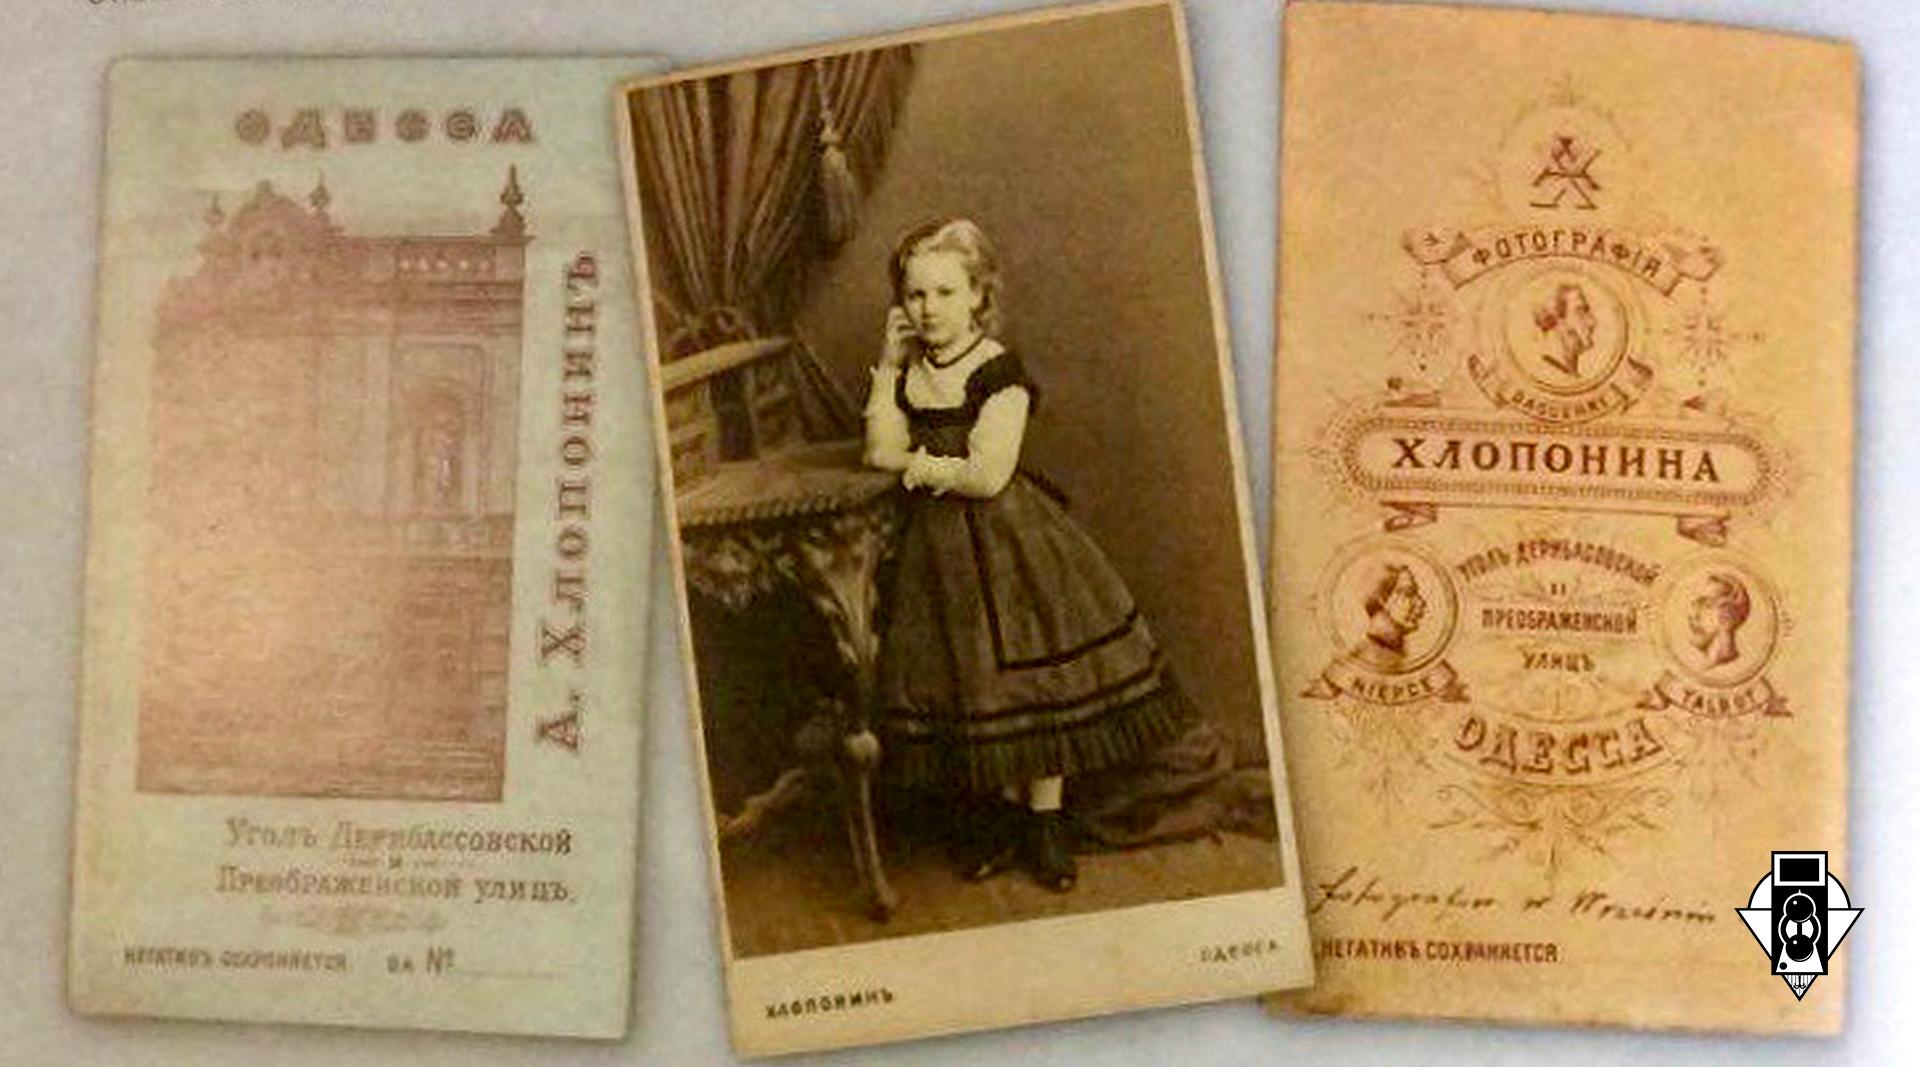 Одесский фотограф А. Хлопонин. Годы активности: 1850-1883 гг.